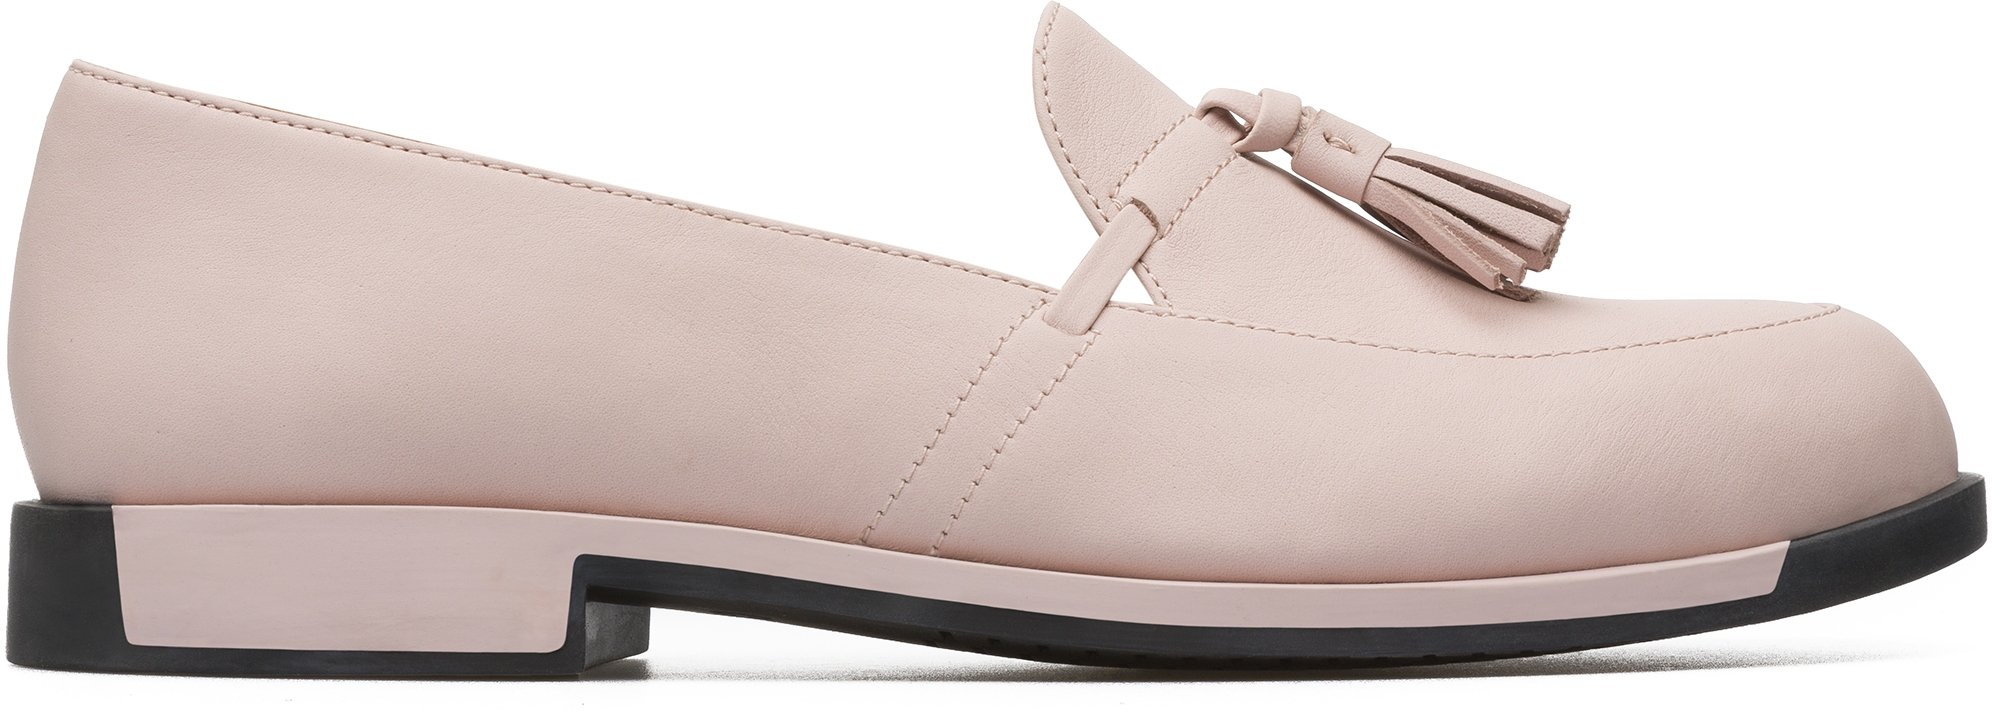 Camper Bowie K200074-009 Flat Shoes Women